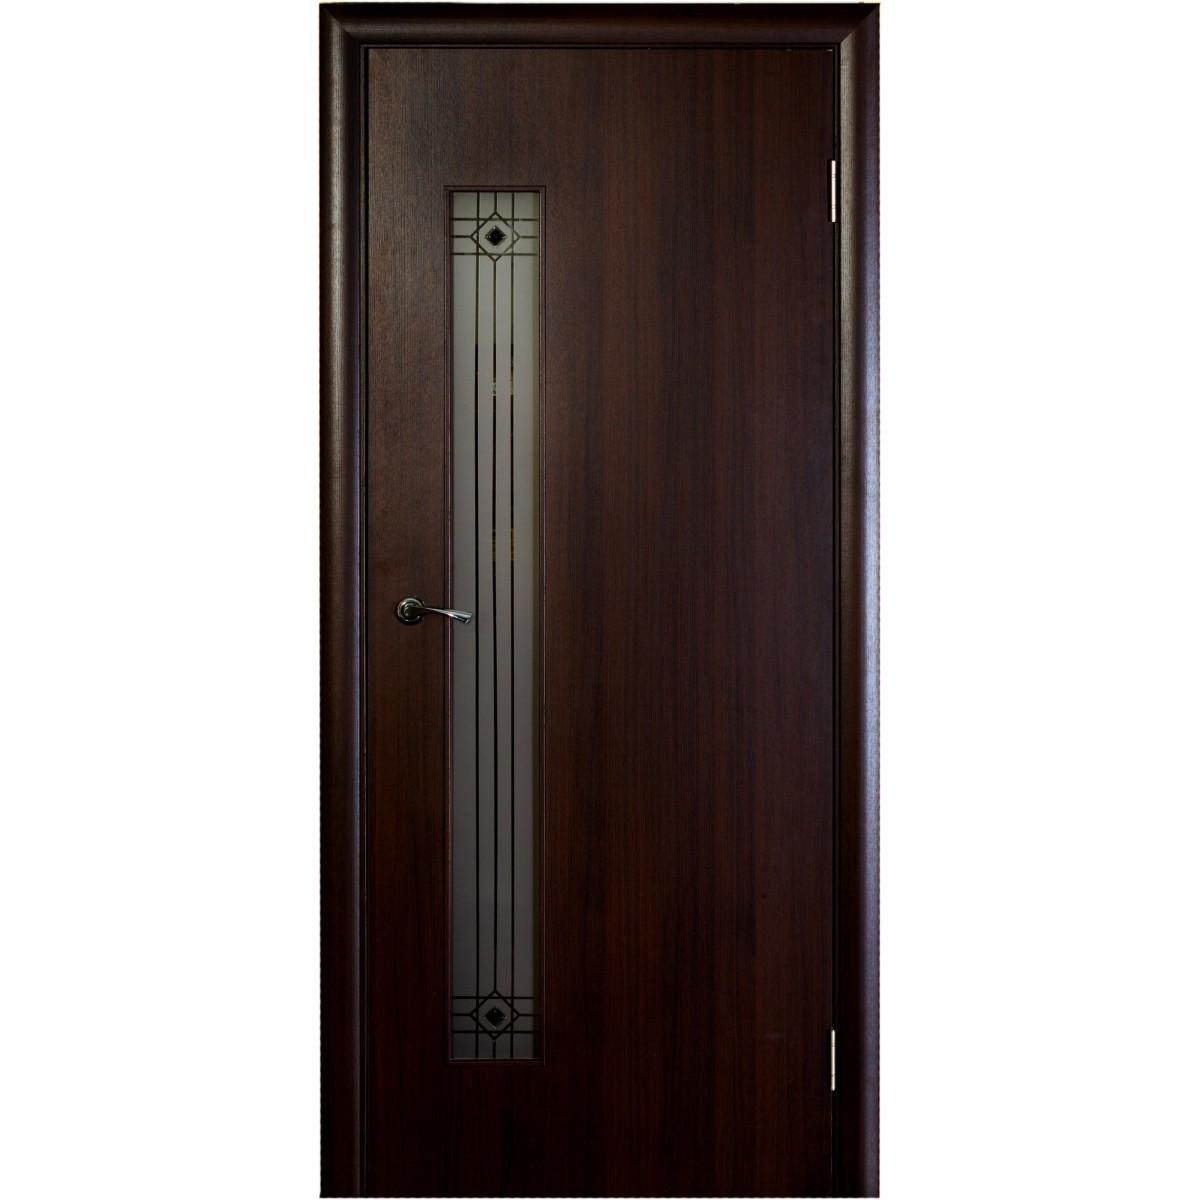 Дверь межкомнатная остеклённая Стандарт 80x200 см ламинация цвет венге